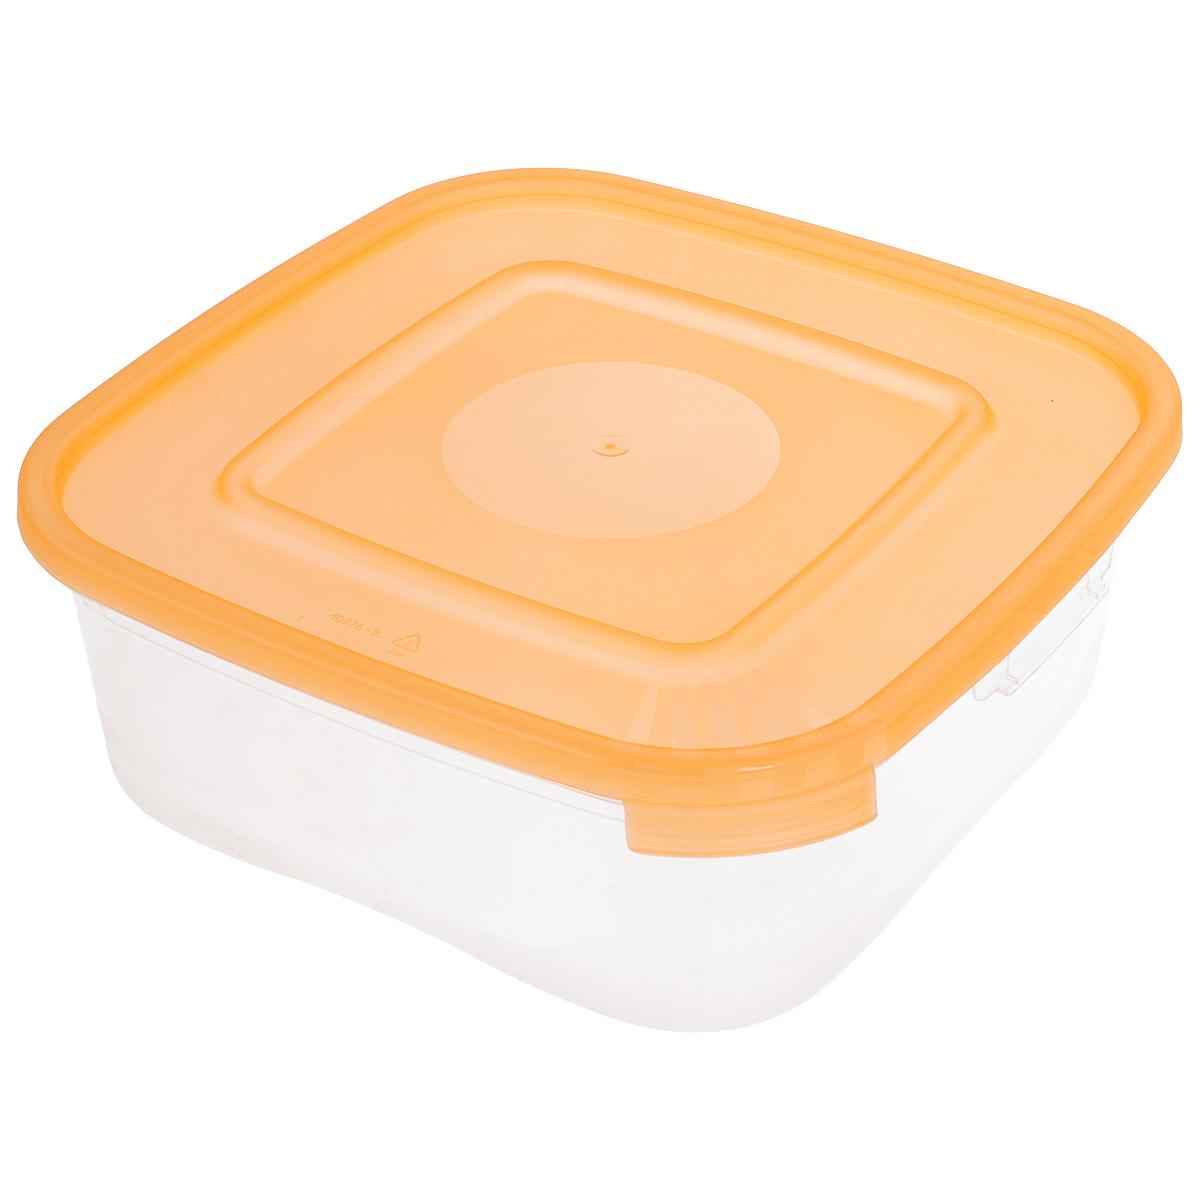 Контейнер Полимербыт Каскад, цвет: прозрачный, оранжевый, 1,4 лSC-FD421004Контейнер Полимербыт Каскад квадратной формы, изготовленный из прочного пластика, предназначен специально для хранения пищевых продуктов. Крышка легко открывается и плотно закрывается.Контейнер устойчив к воздействию масел и жиров, легко моется. Прозрачные стенки позволяют видеть содержимое. Контейнер имеет возможность хранения продуктов глубокой заморозки, обладает высокой прочностью. Подходит для использования в микроволновых печах.Можно мыть в посудомоечной машине.